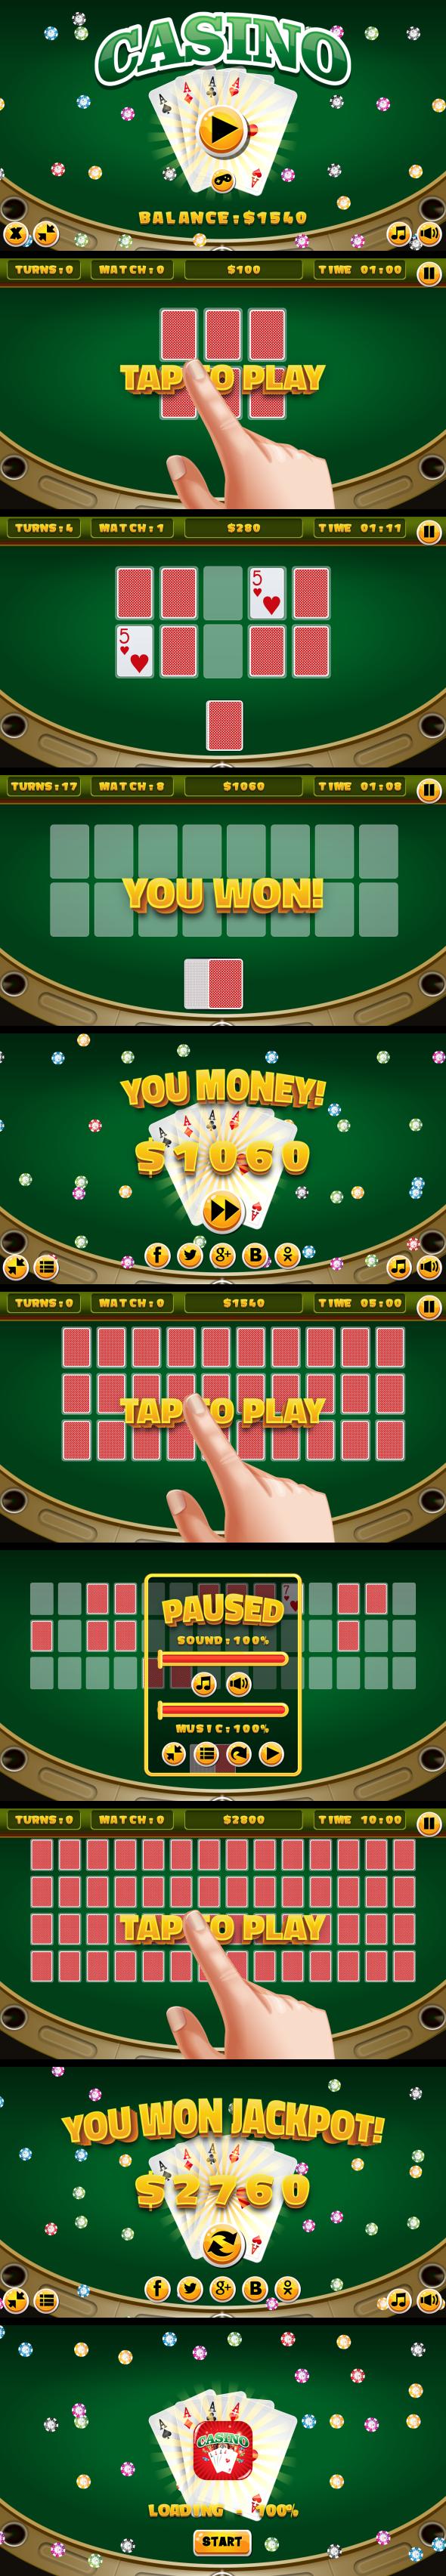 casino deposito gratis